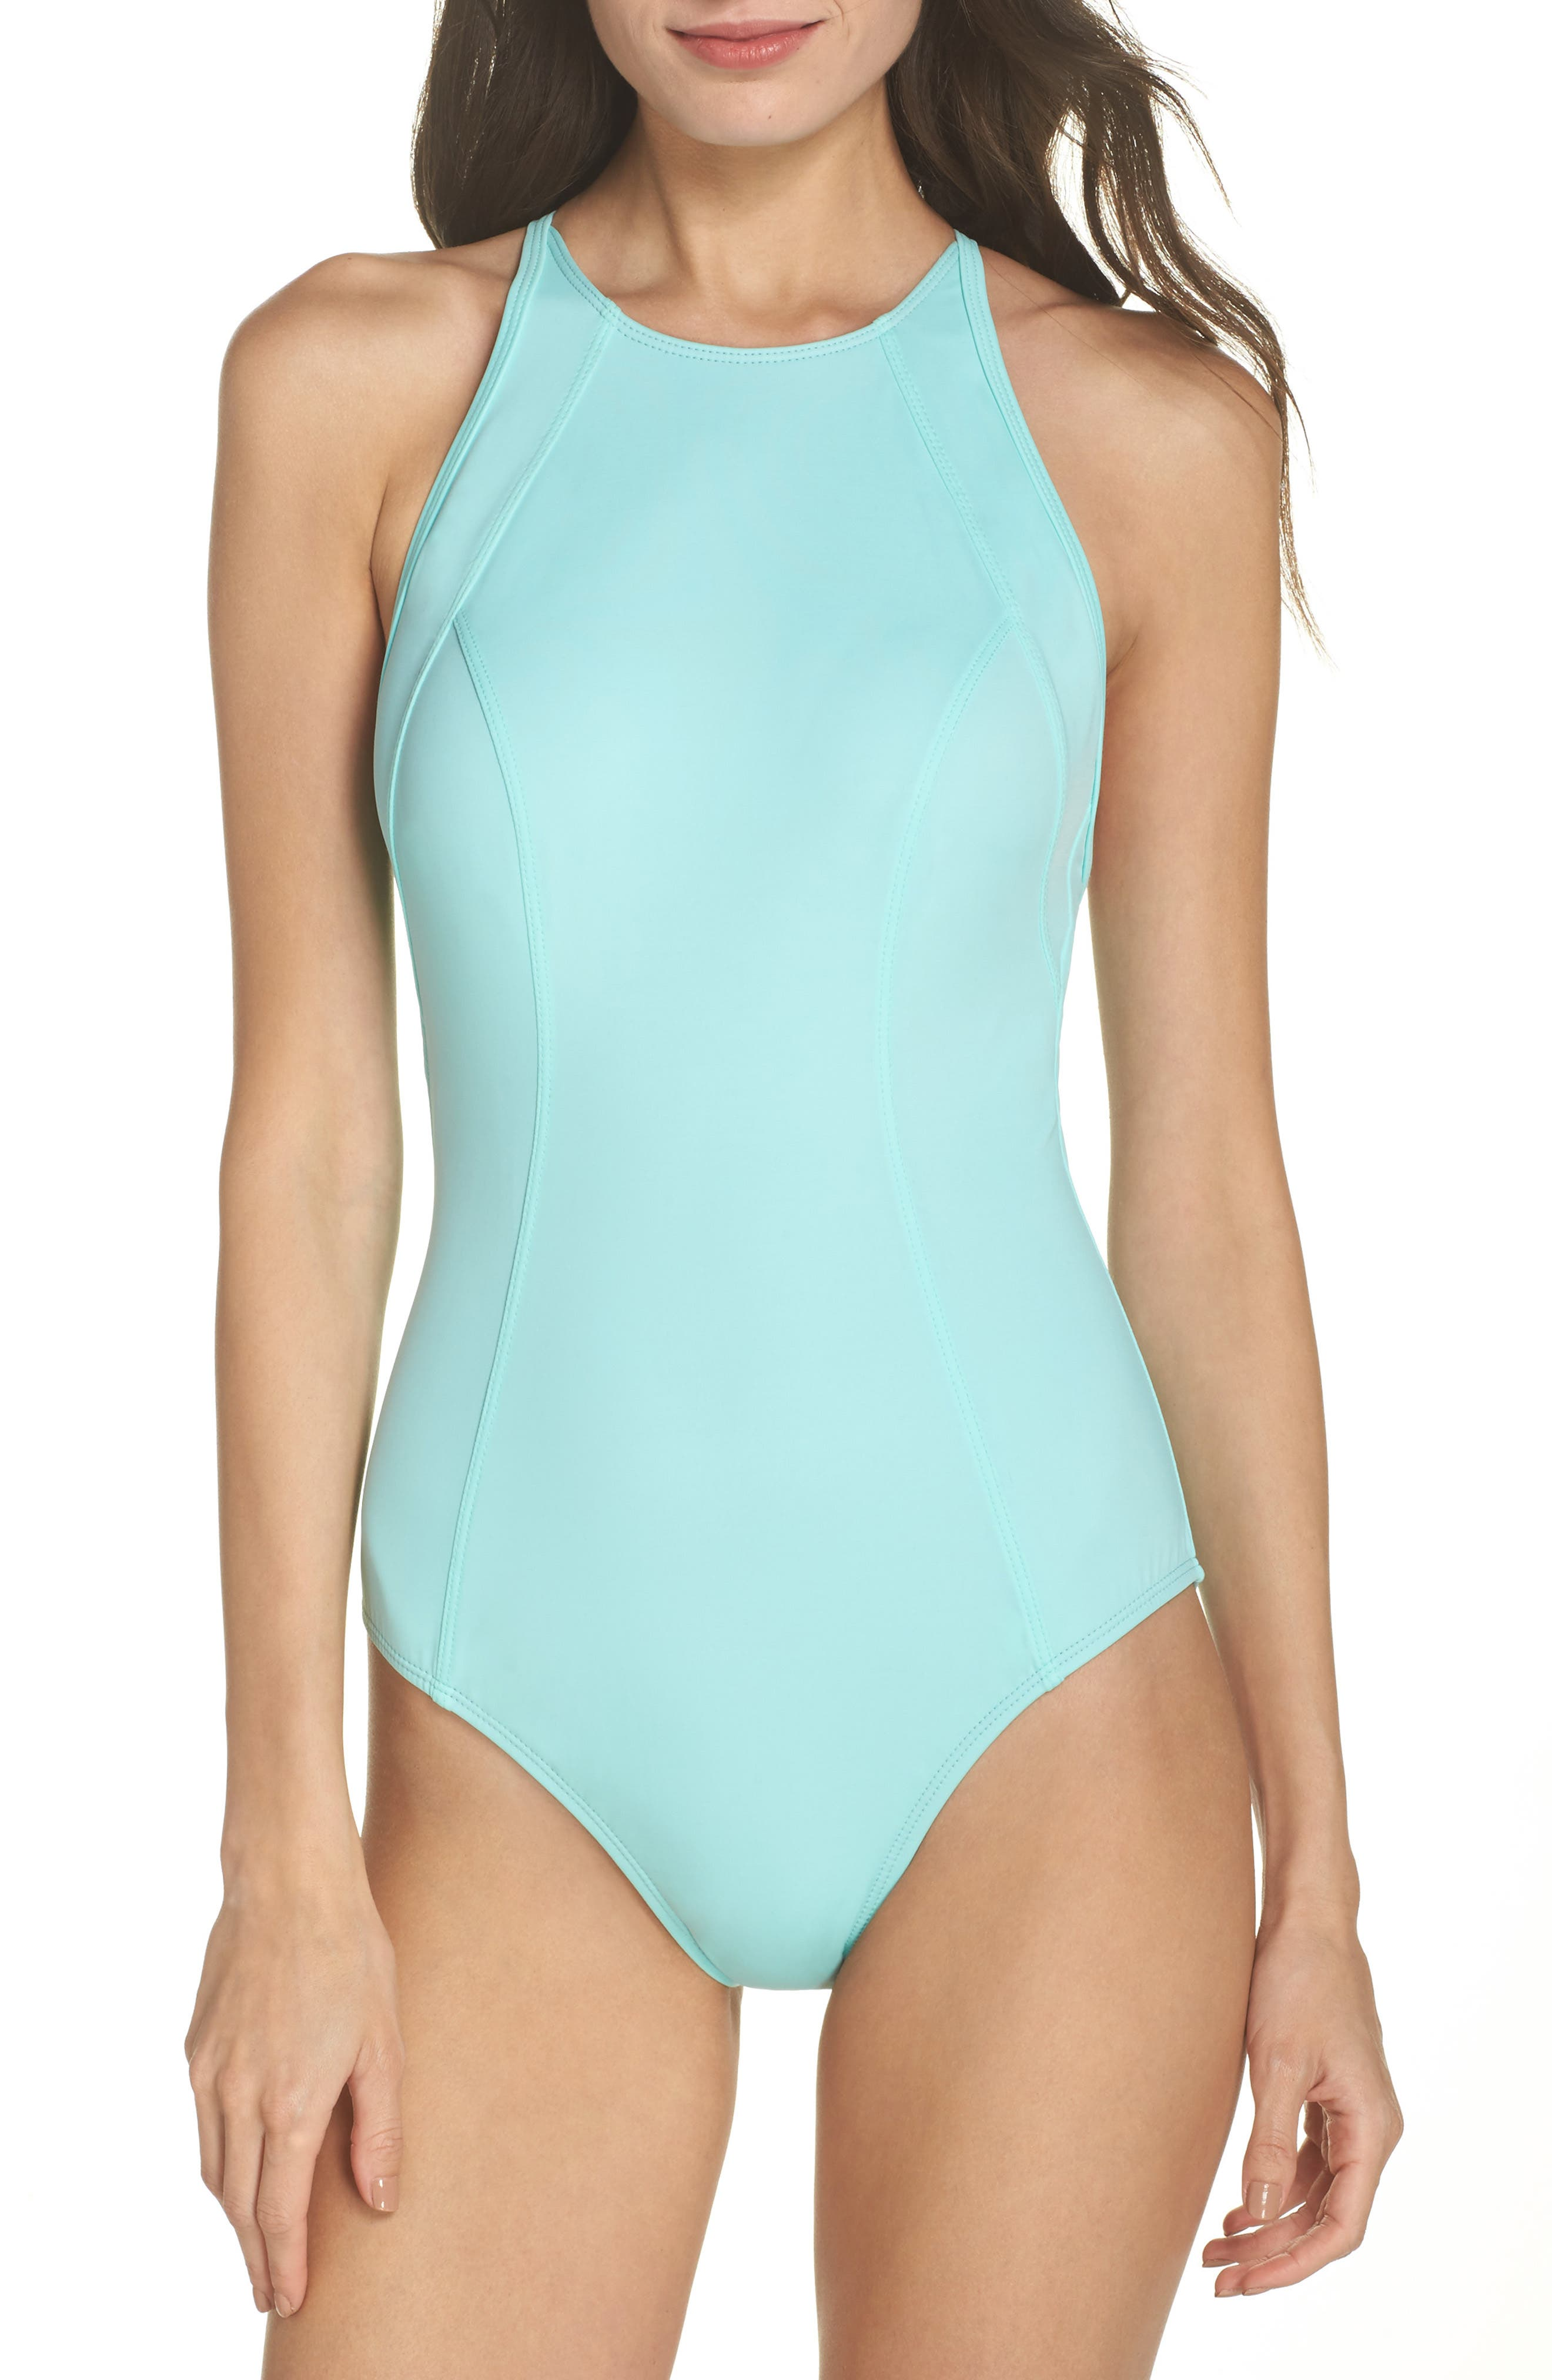 ZELLA, One-Piece Swimsuit, Main thumbnail 1, color, 440